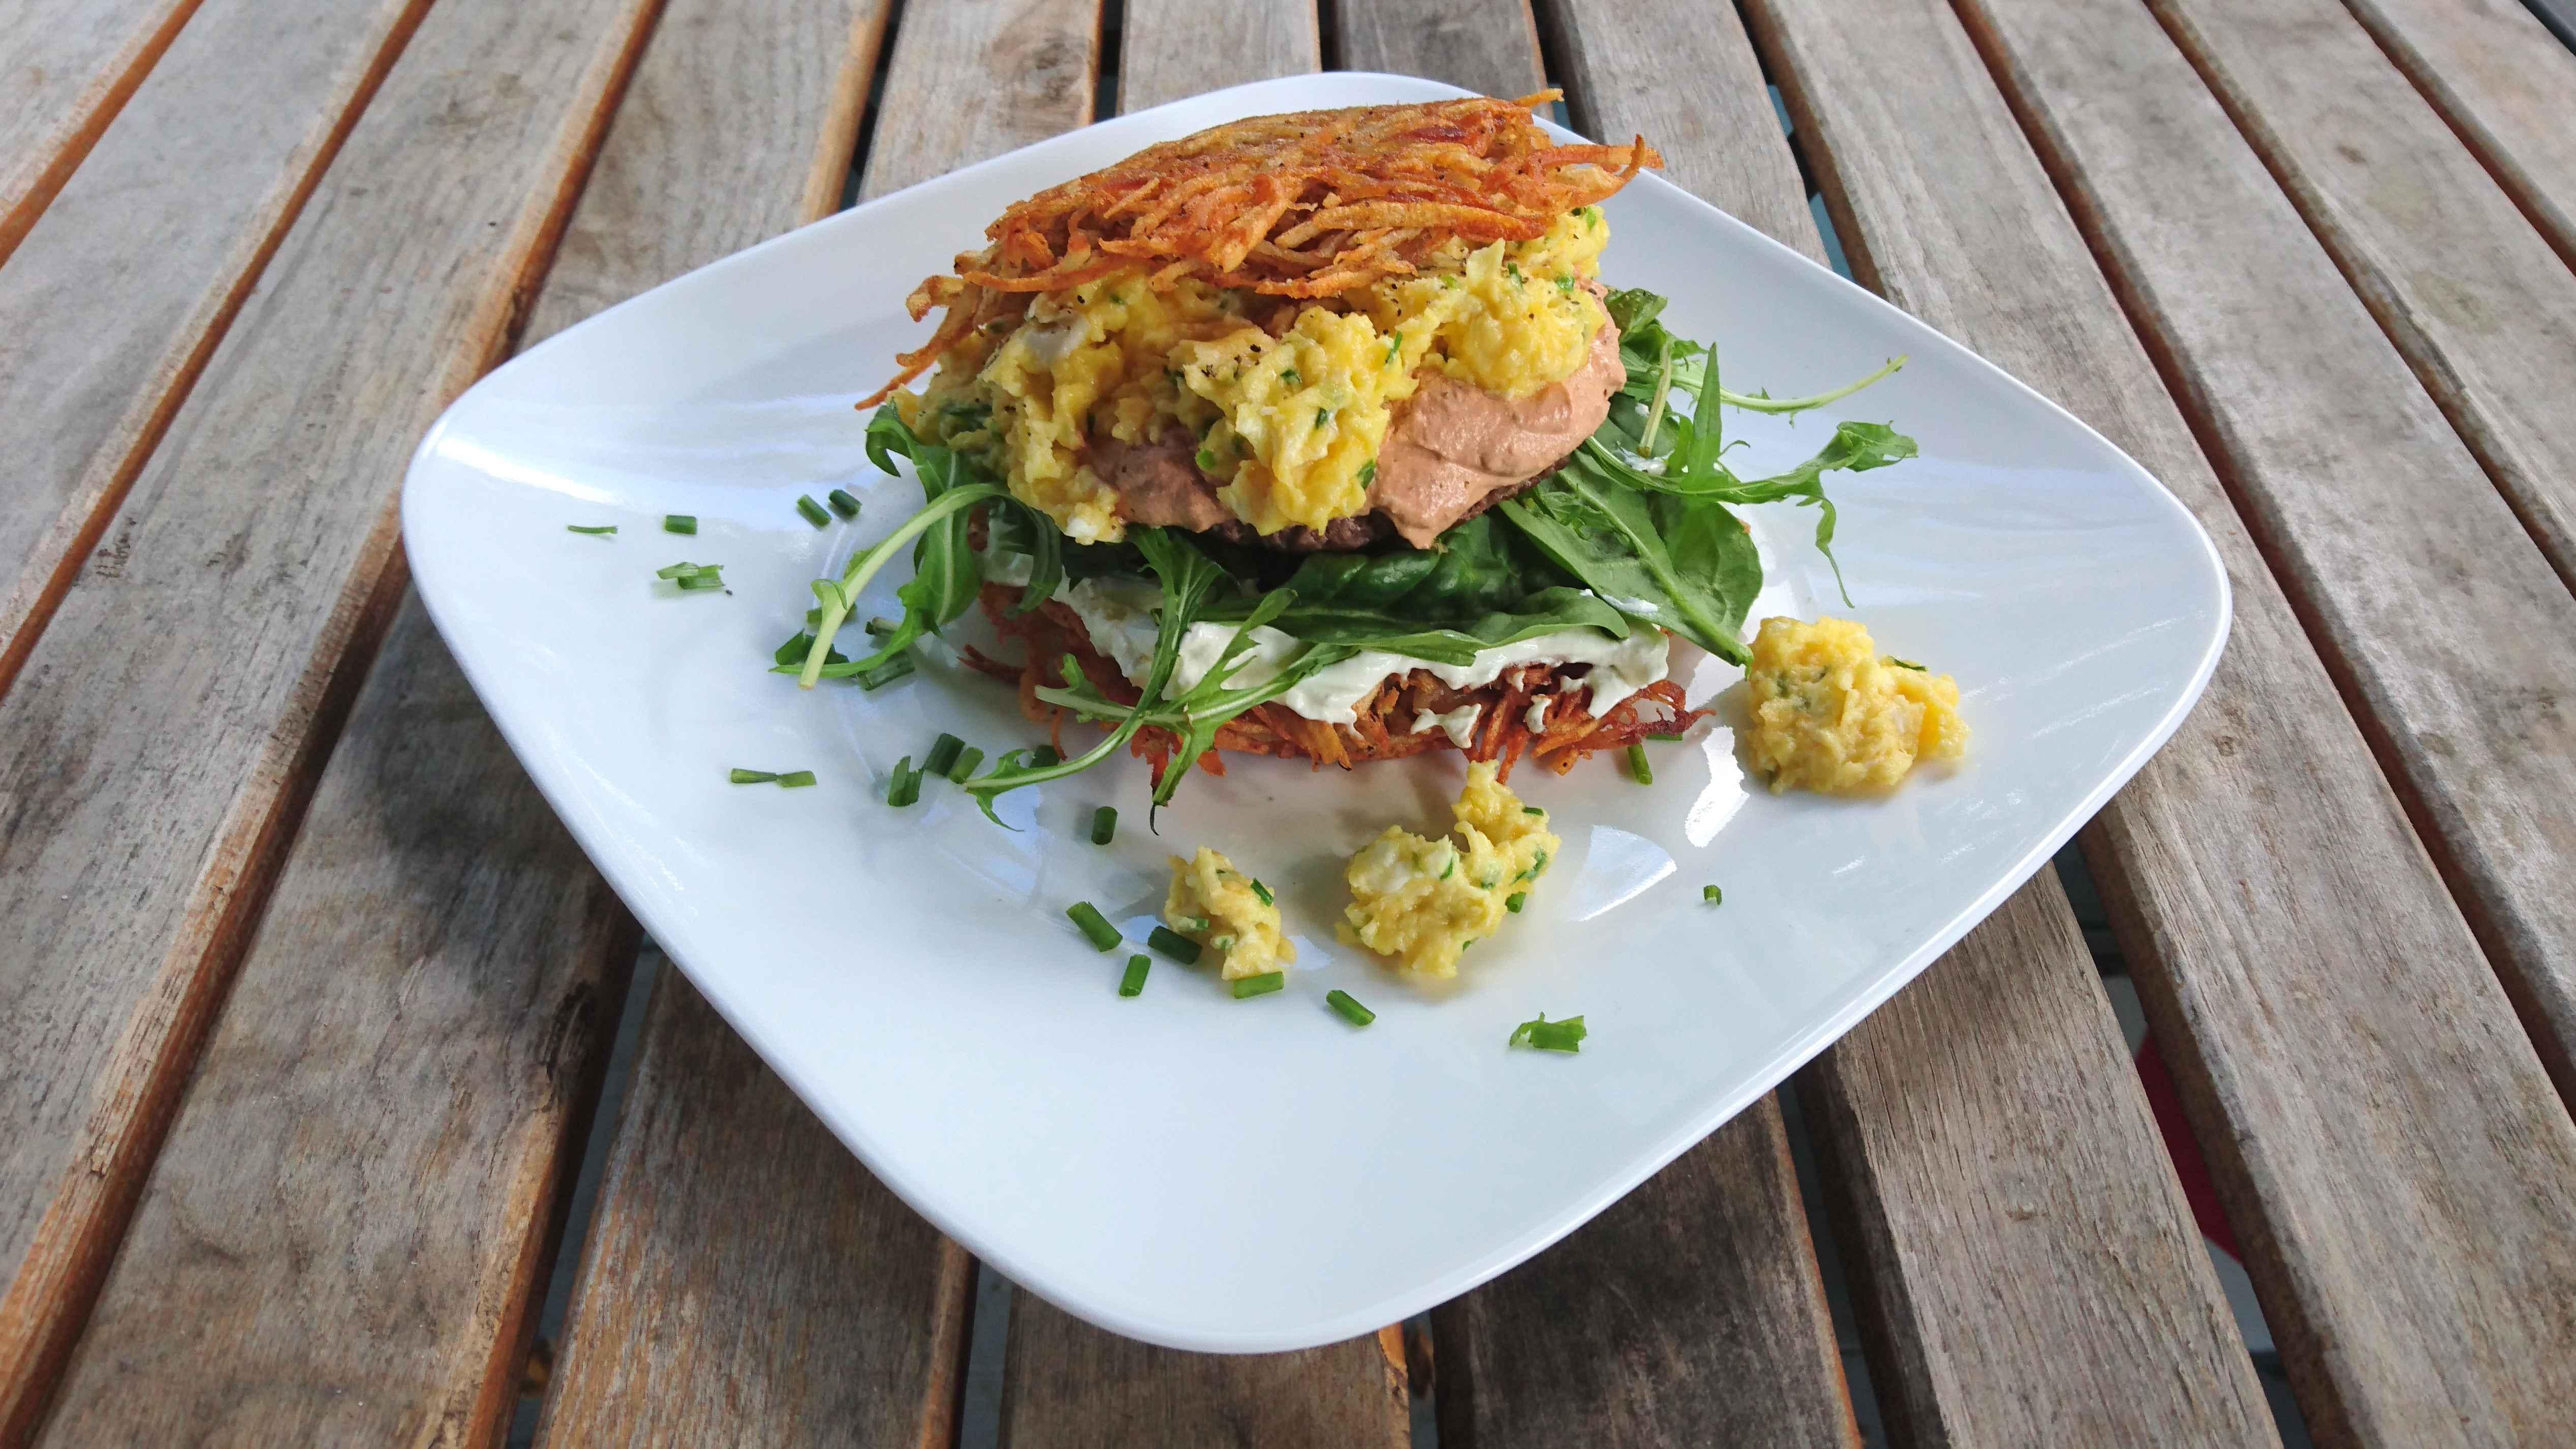 Frühstücks-Rösti mit Rührei und Rucola